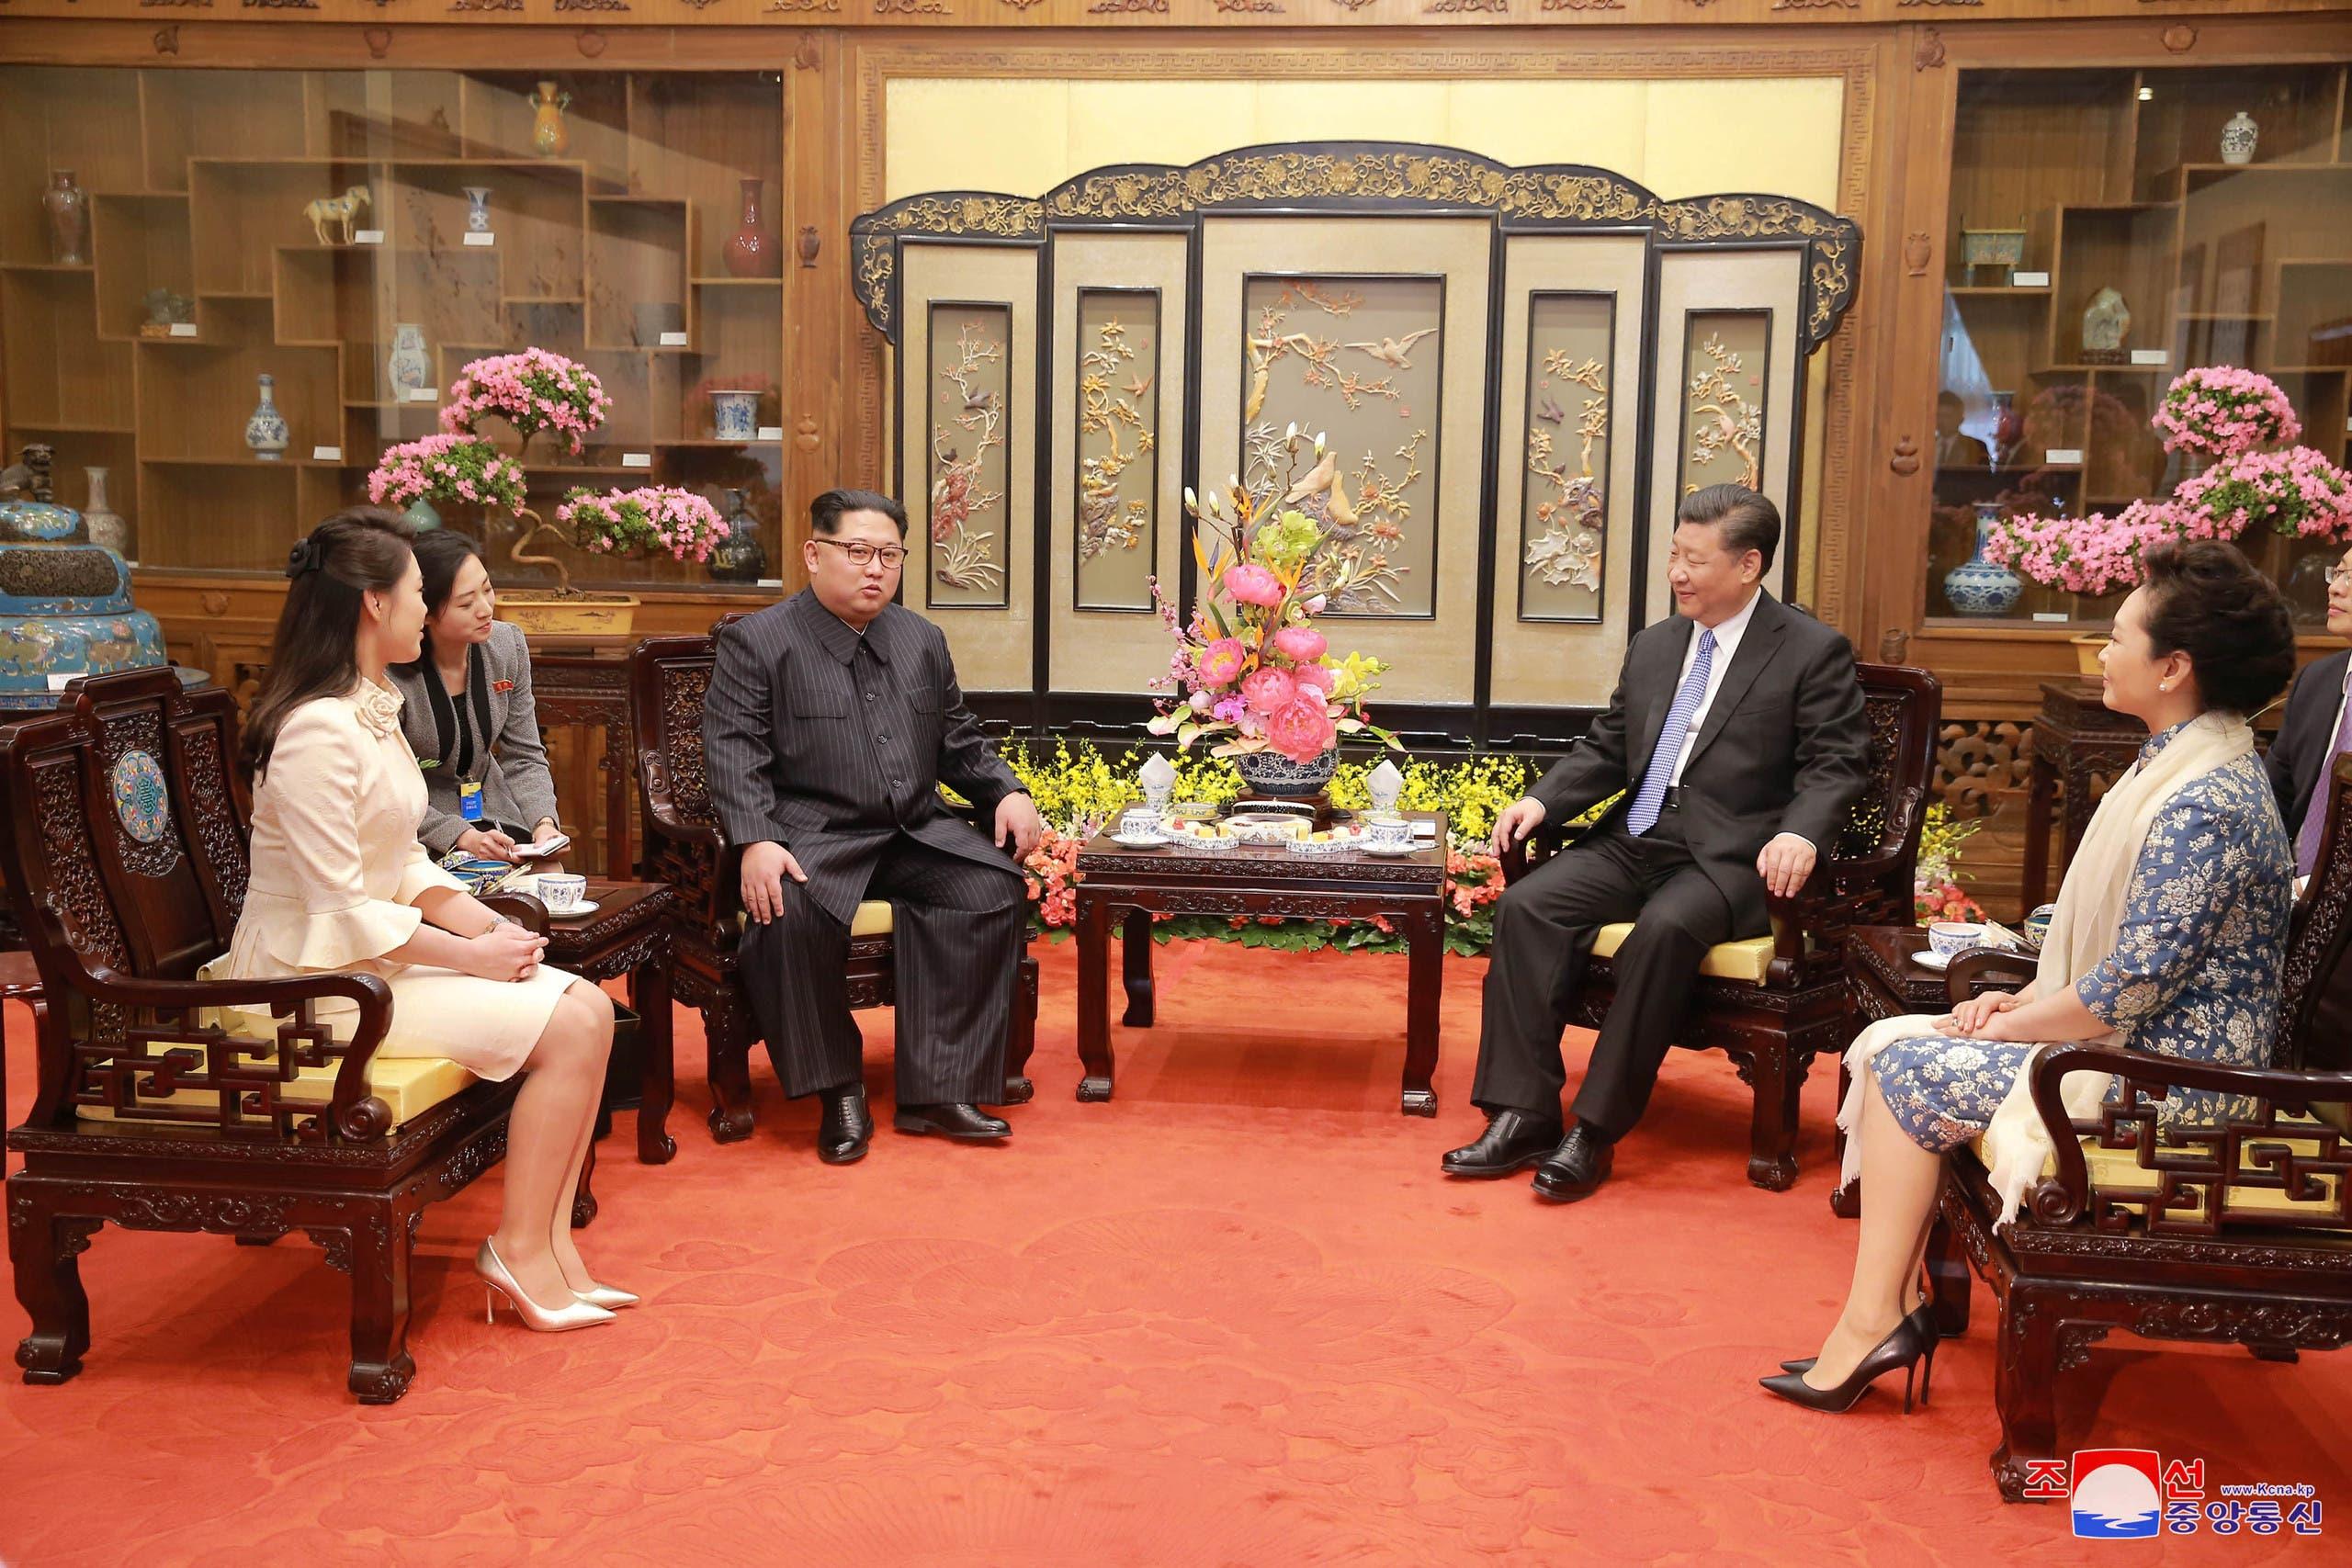 زعيم كوريا الشمالية مع زوجته في لقاء مع الرئيس الصيني وزوجته في بكين